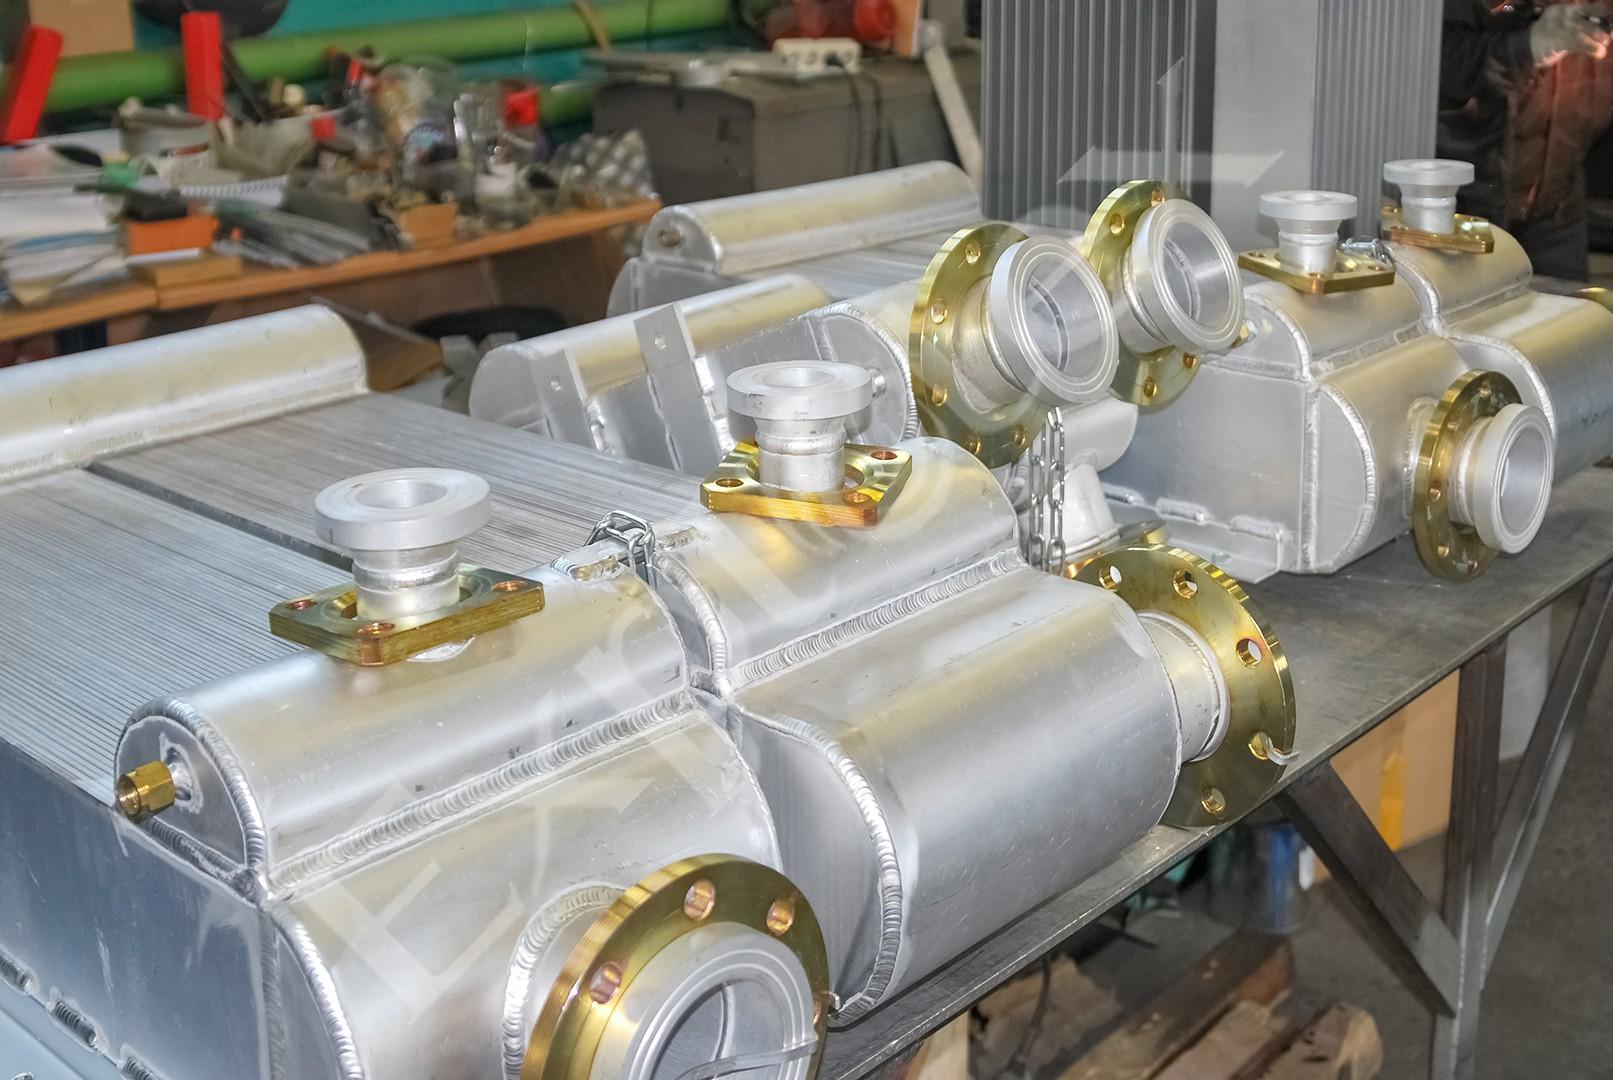 пластинчато-ребристые теплообменники для попутного нефтяного газа